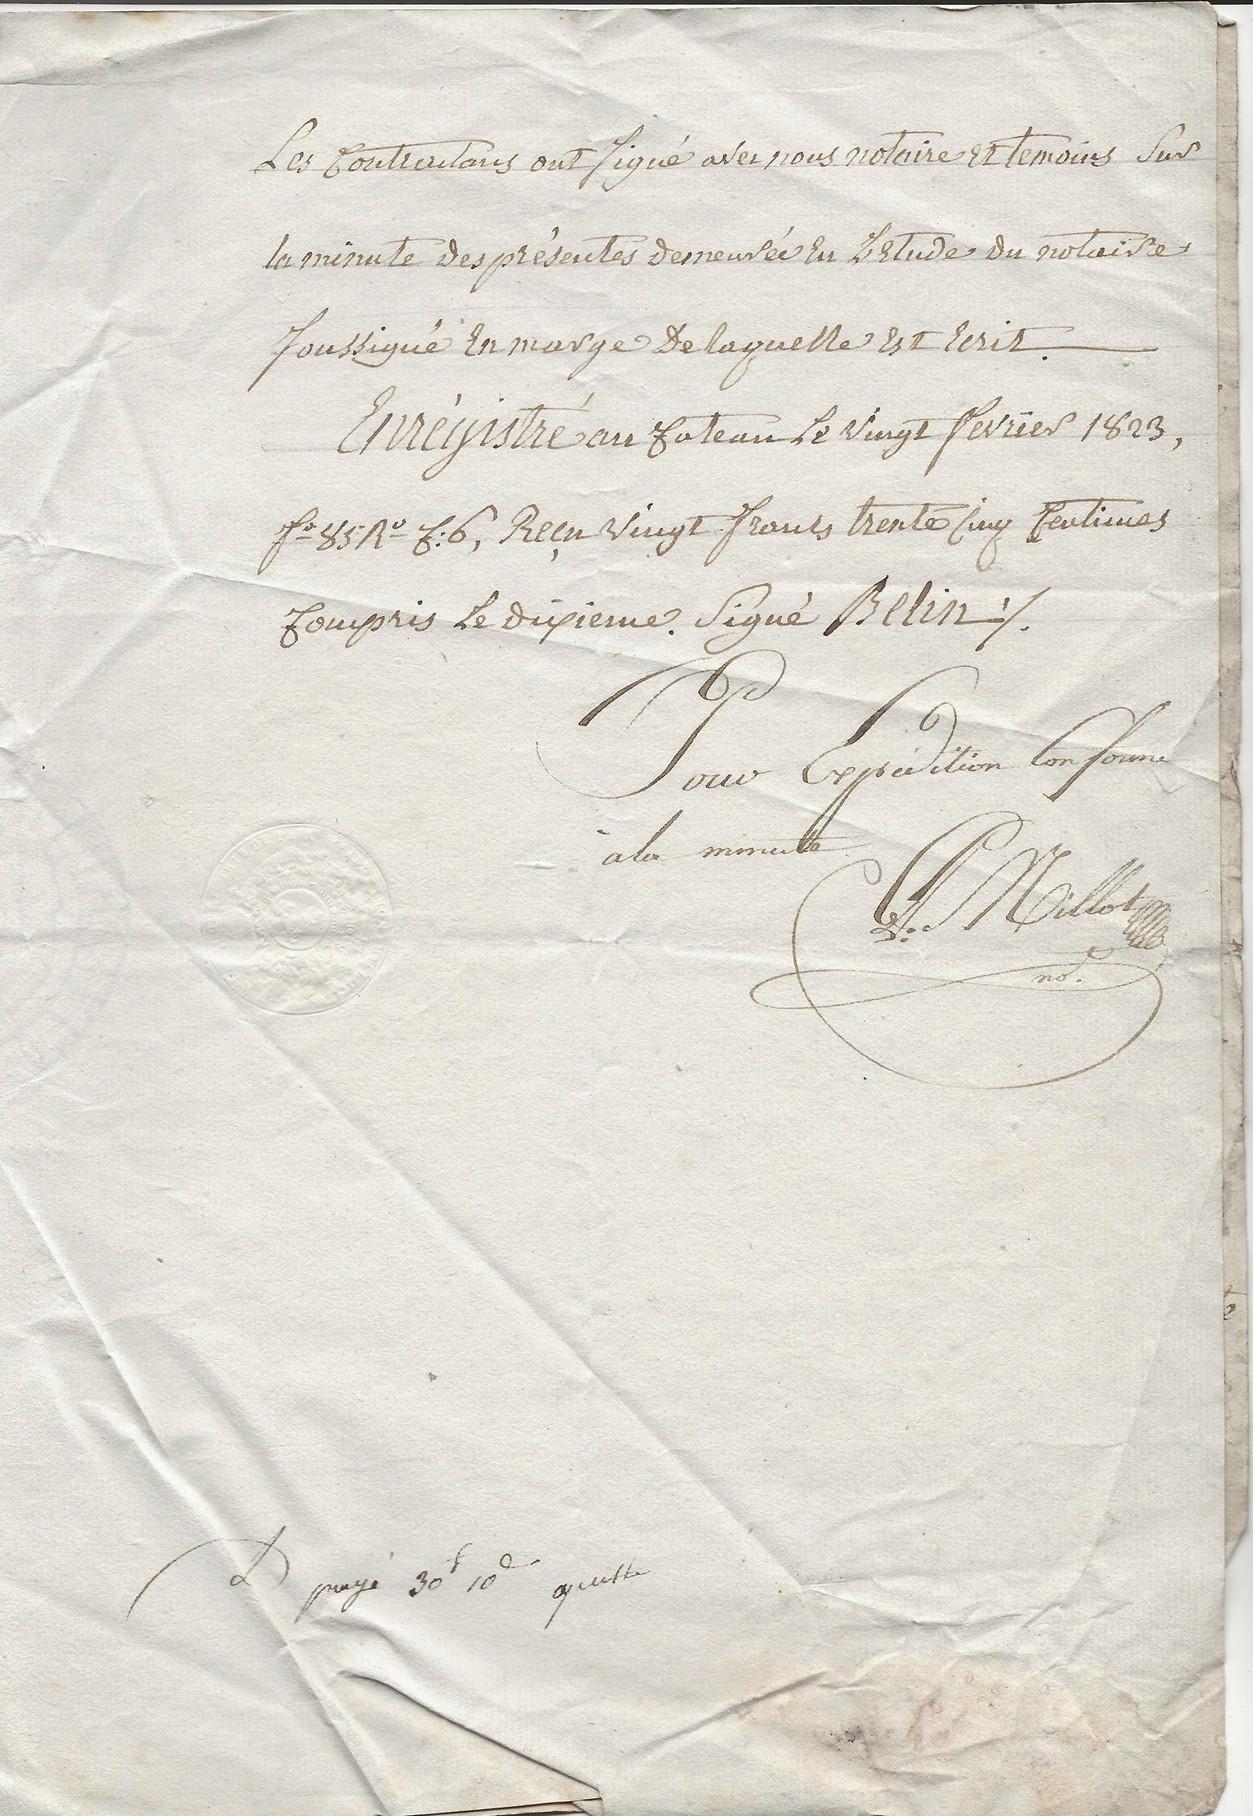 1823 vente terrain jacques delhaye a pierre jh pruvot 003